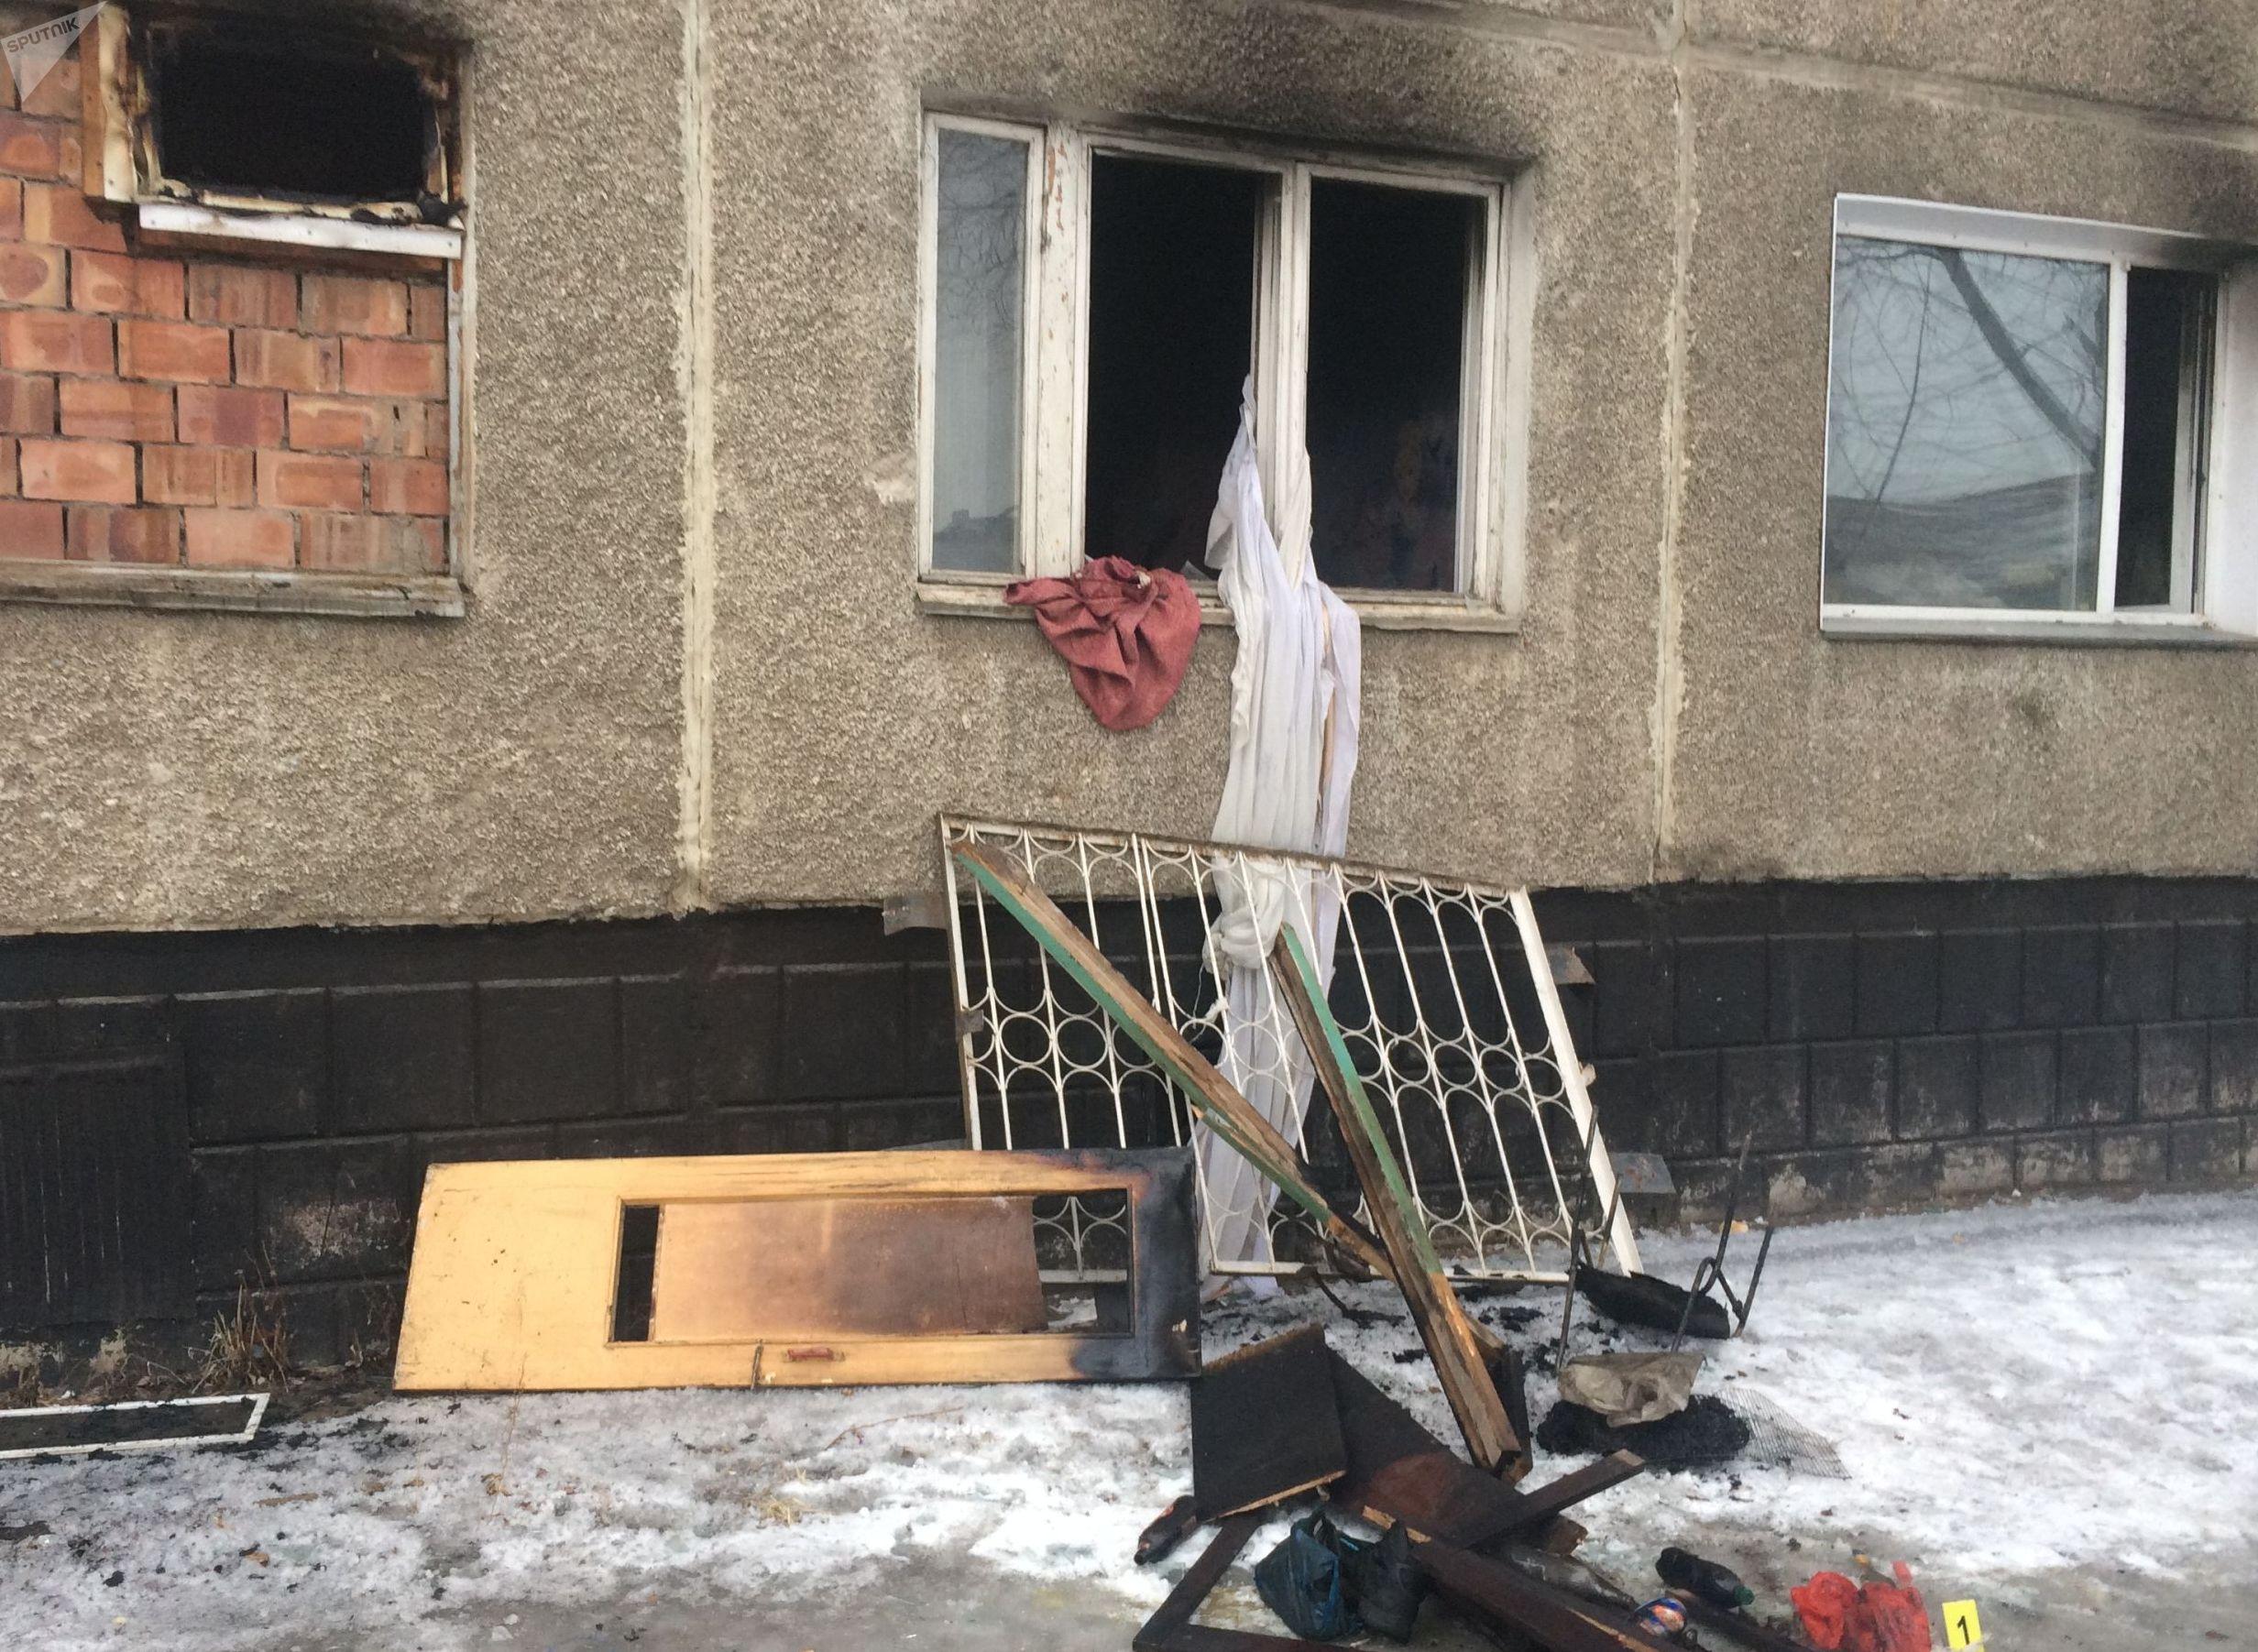 Квартира в жилом доме по адресу ул. Муткенова, 53, где произошел взрыв